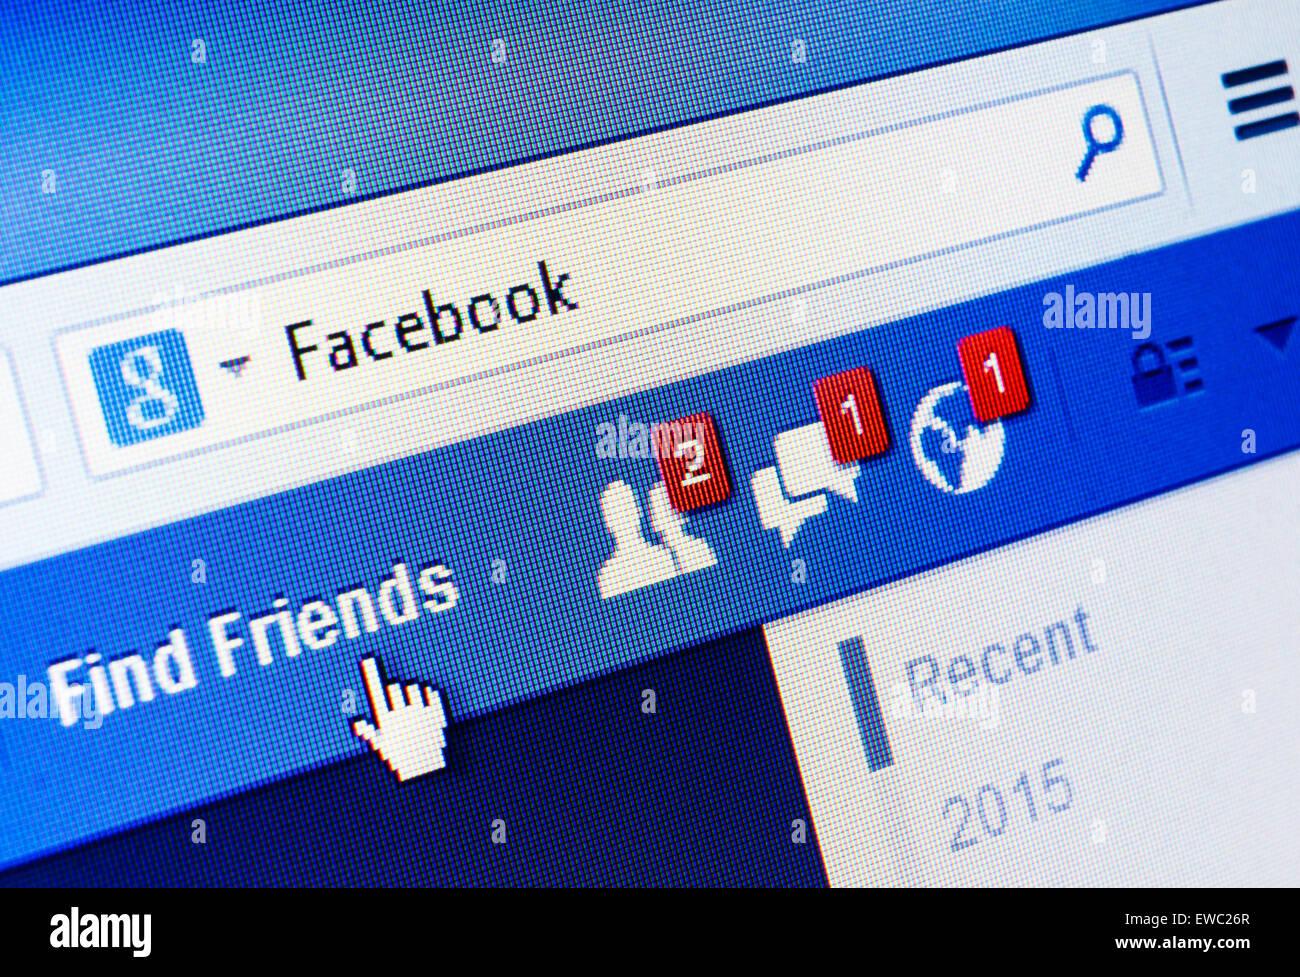 GDANSK, Pologne - 18 janvier 2015. Facebook.com accueil sur l'écran. Facebook est un réseau social Photo Stock